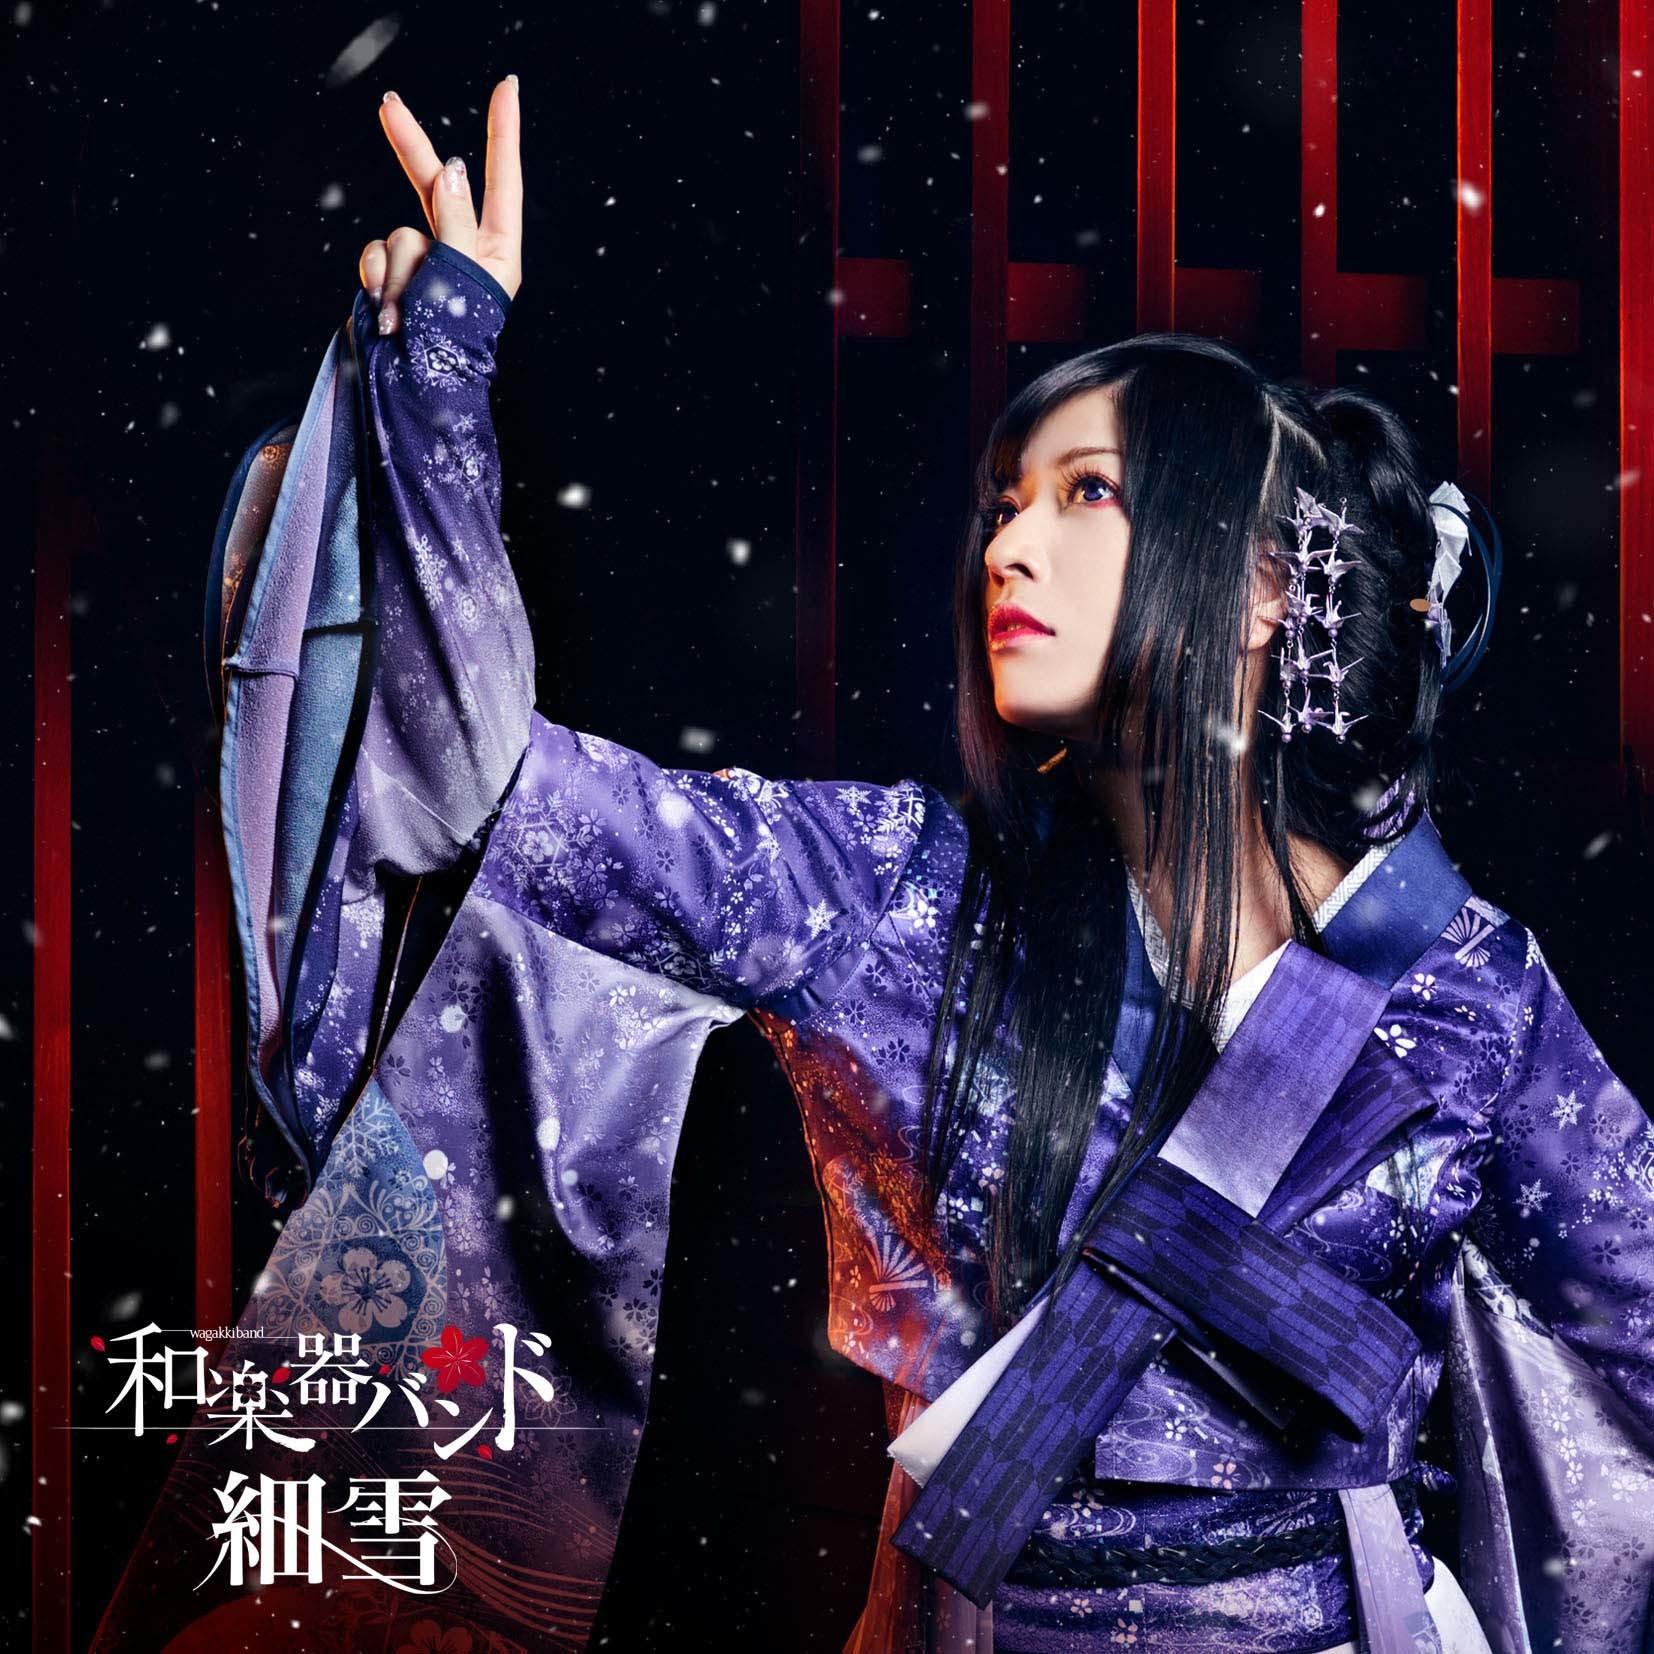 LIVE映像盤(SG+Blu-ray)